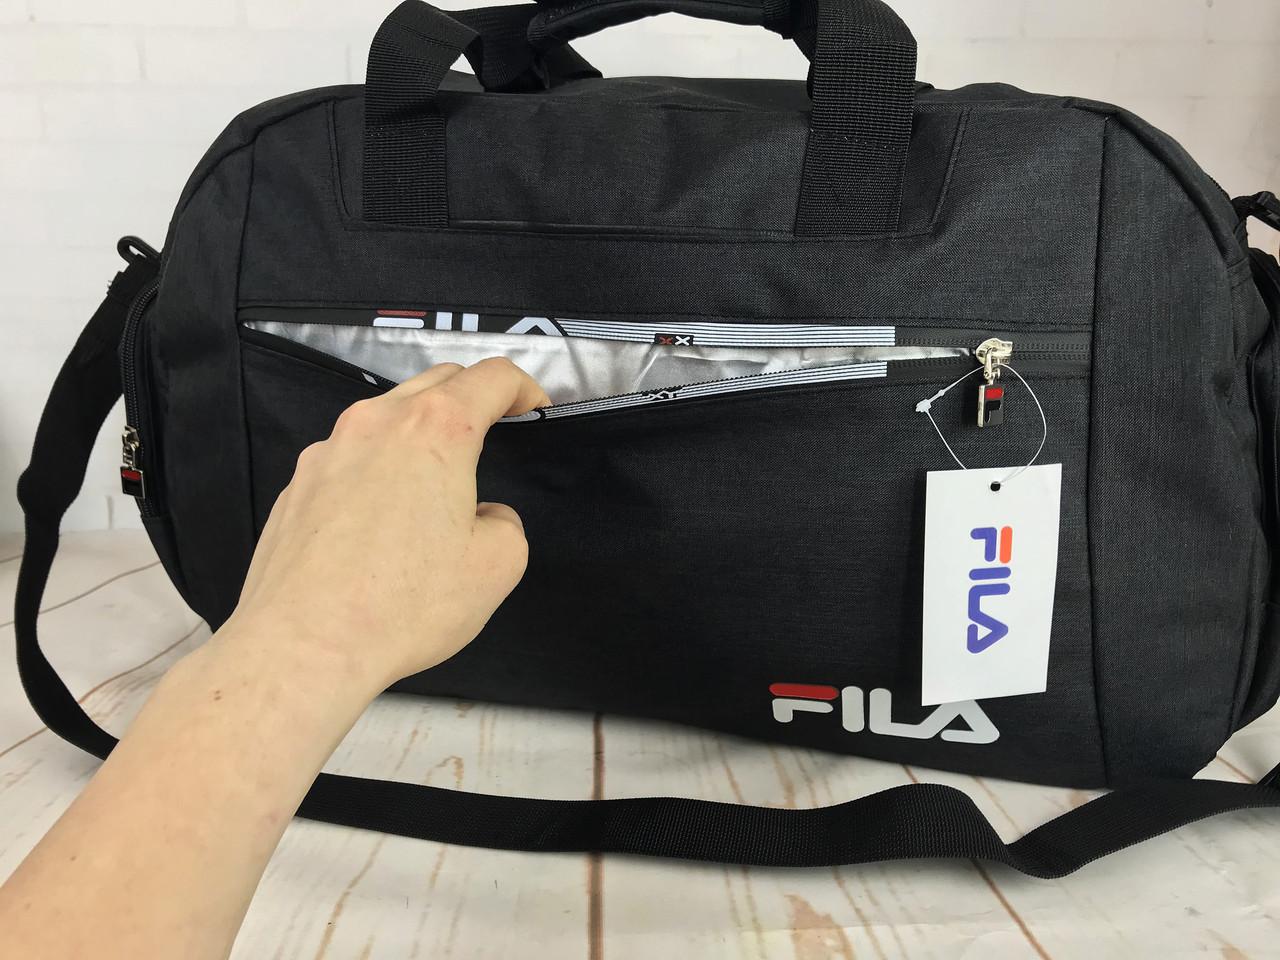 1f210d447899 ... фото Красивая спортивная сумка Fila.Сумка для тренировок. Дорожная сумка  КСС29-1, ...